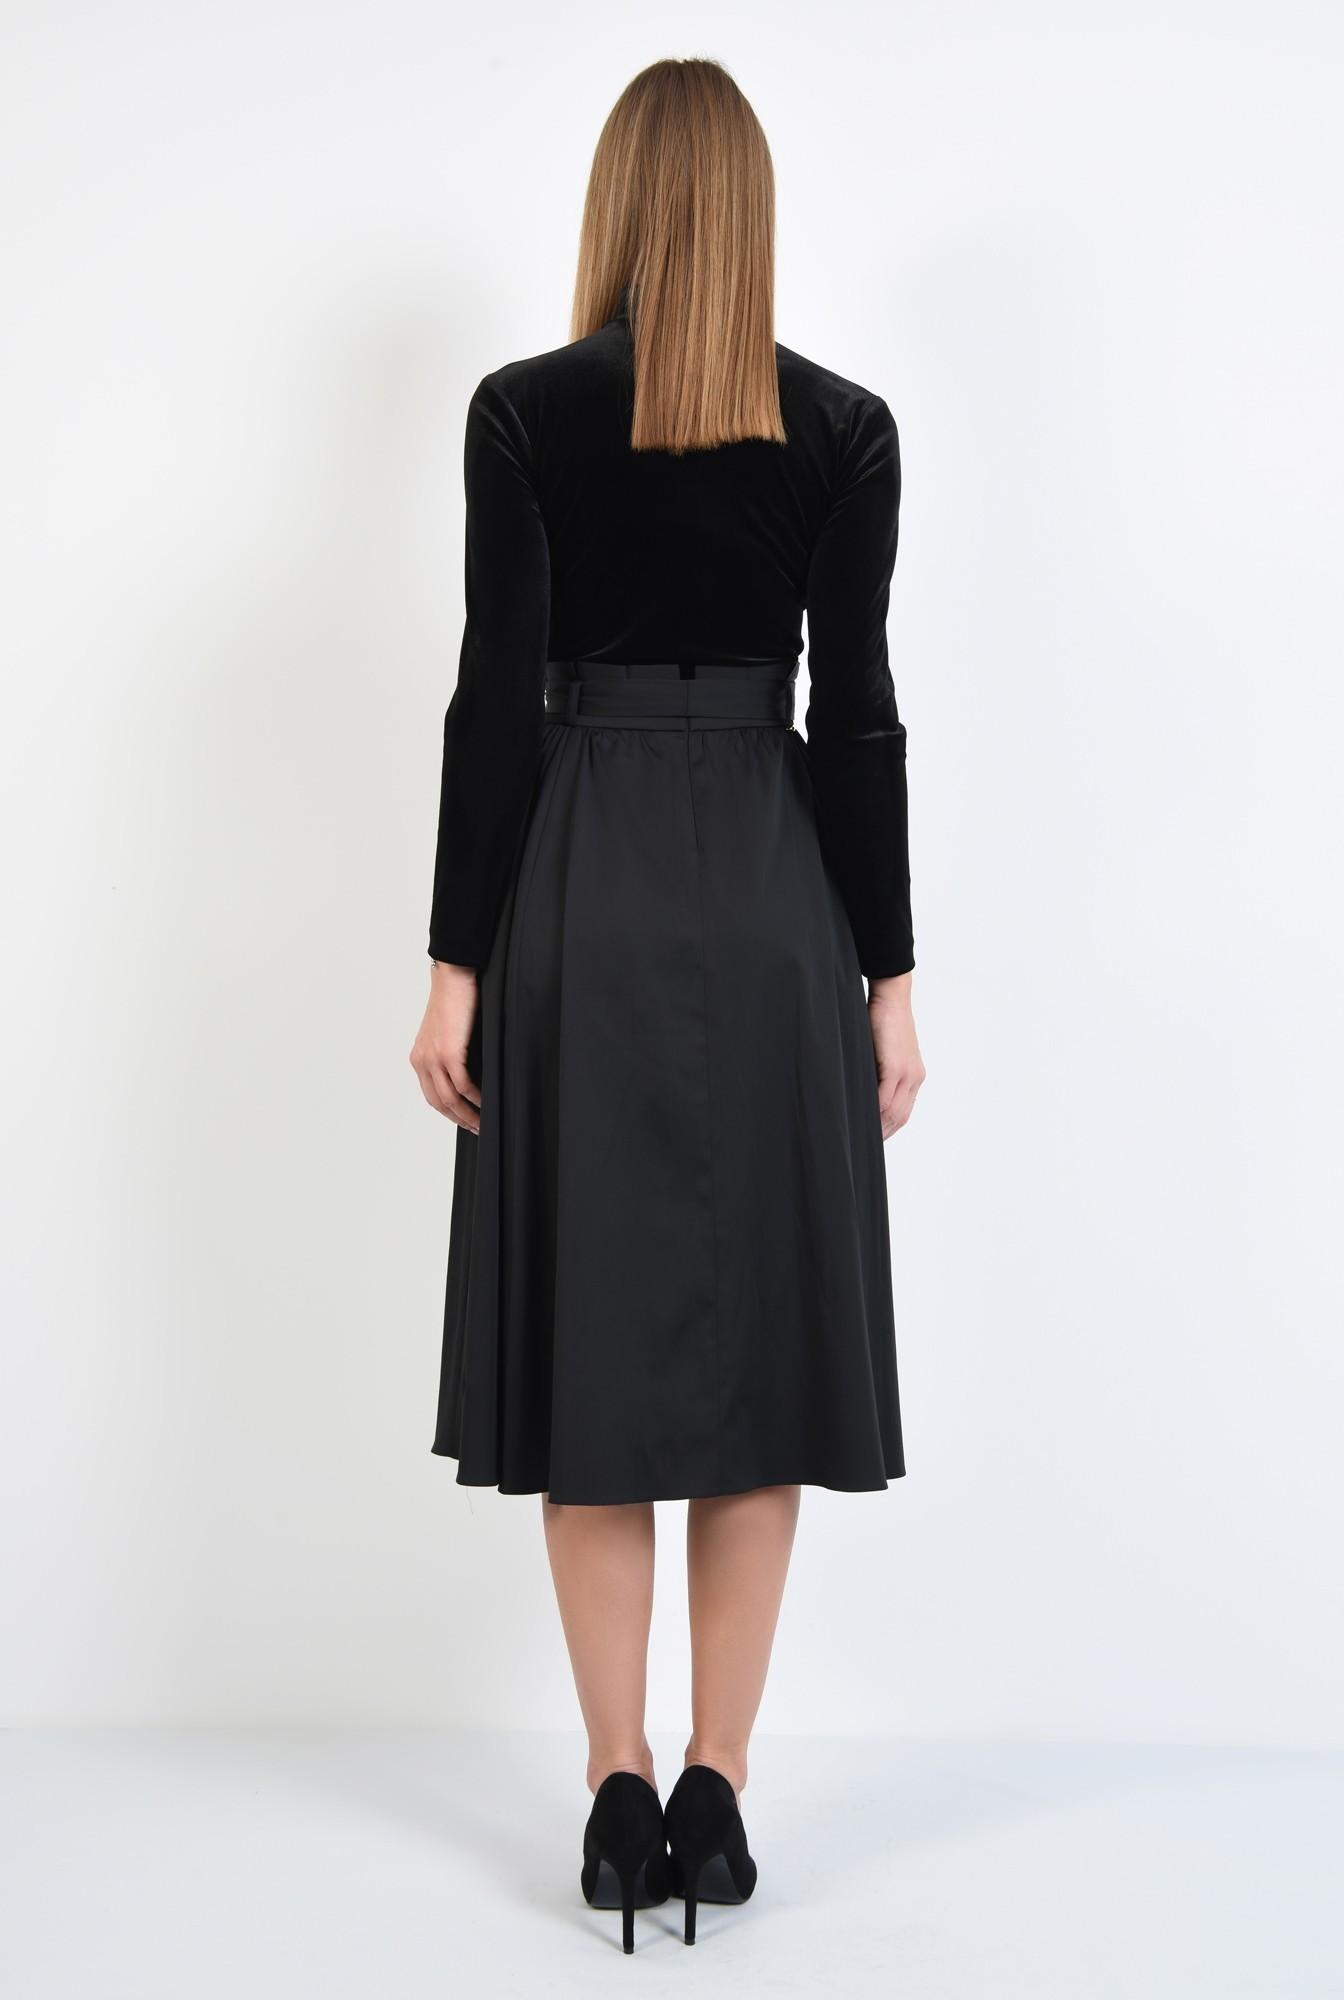 1 - 360 - fusta neagra eleganta, croi evazat, falduri, betelie plisata cu cordon